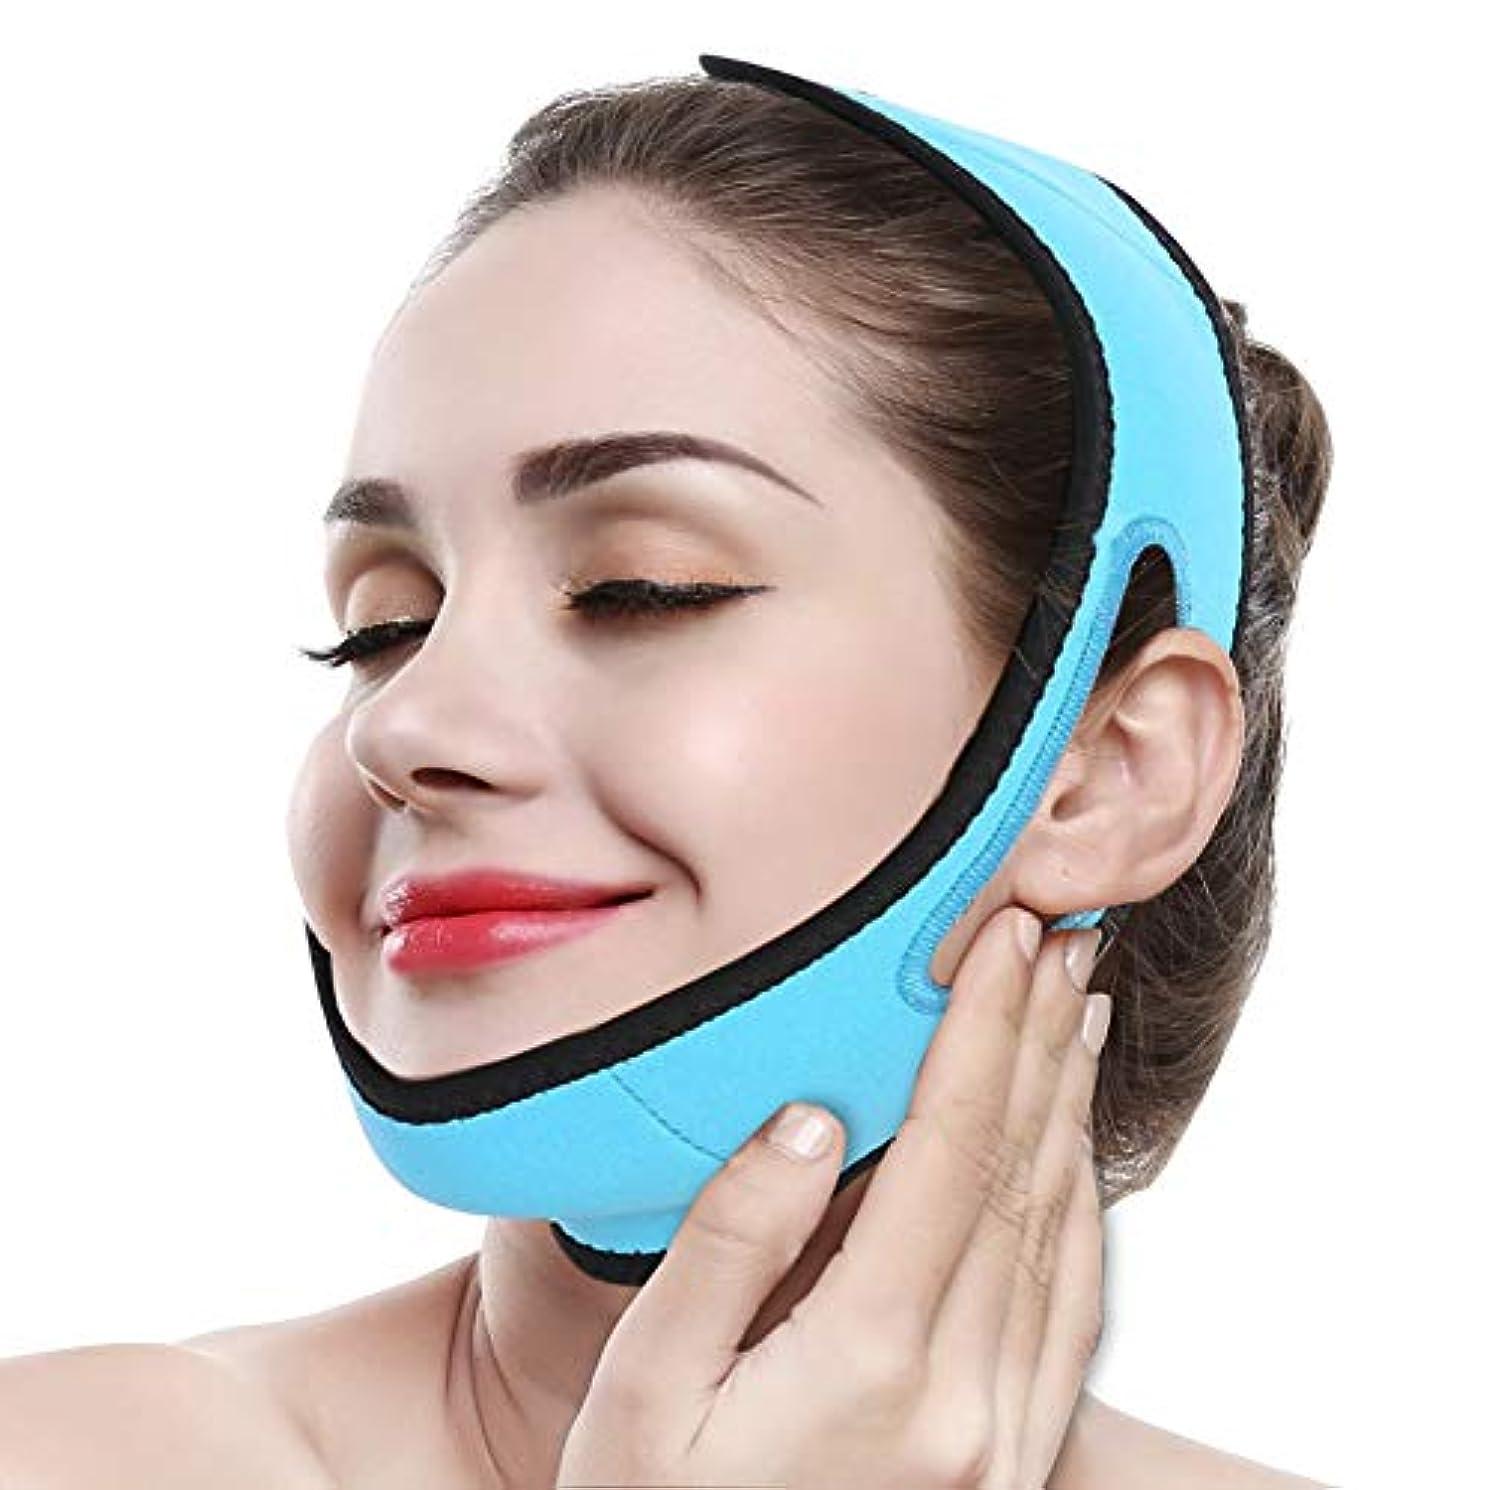 透ける投資するレンズマッサージシリコーンのパッド、Vラインベルトの顔のマスクが付いている包帯の引き締めの顔を痩身Semmeの表面持ち上がること